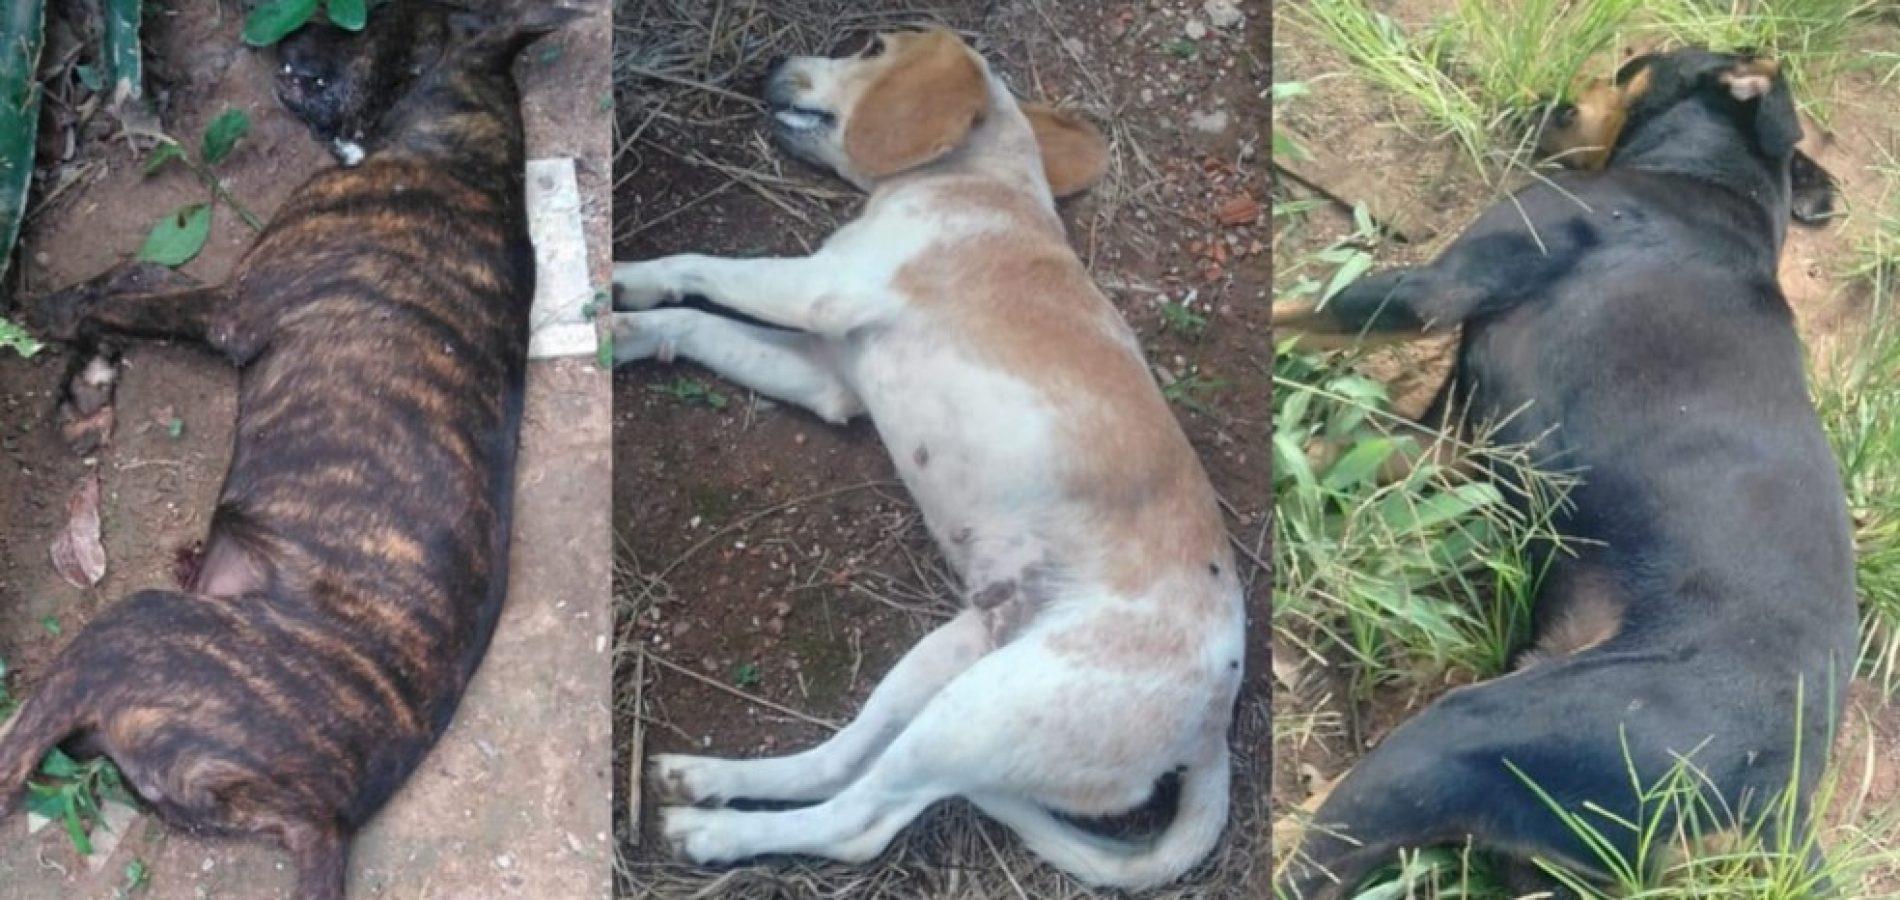 Animais foram mortos por envenenamento - Foto: Reprodução